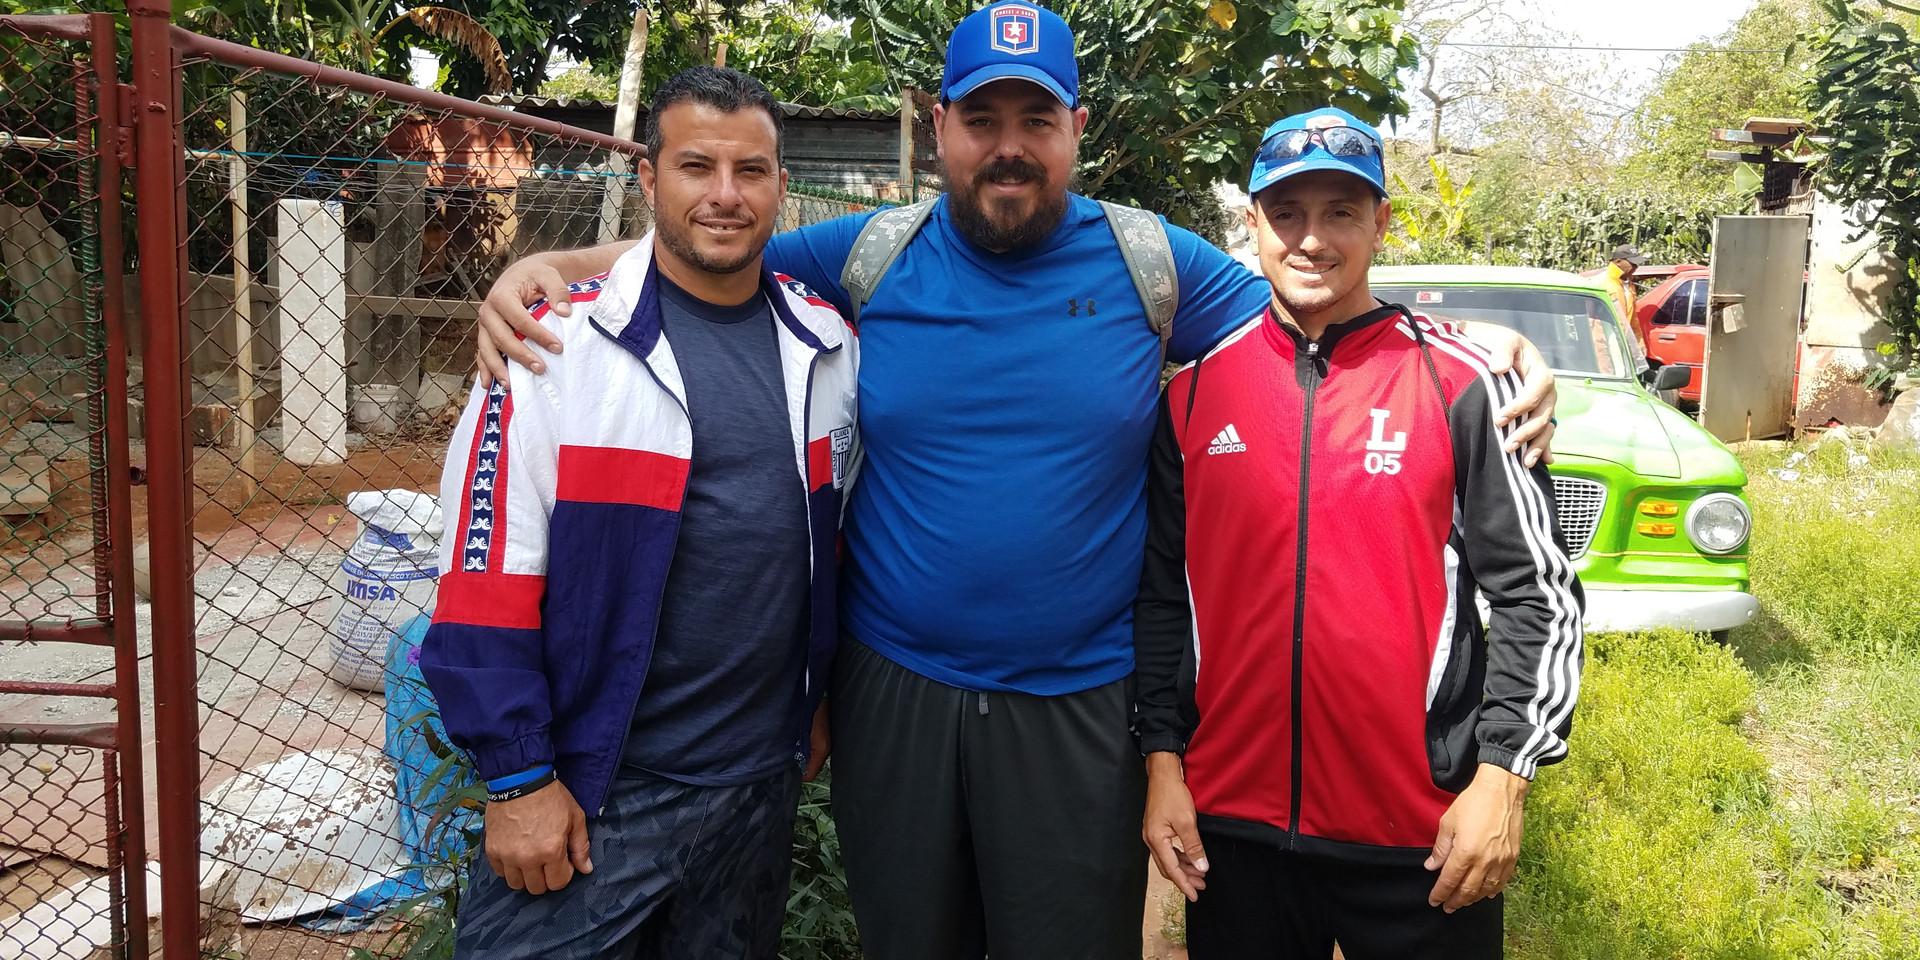 Aurturo, me, and Alex